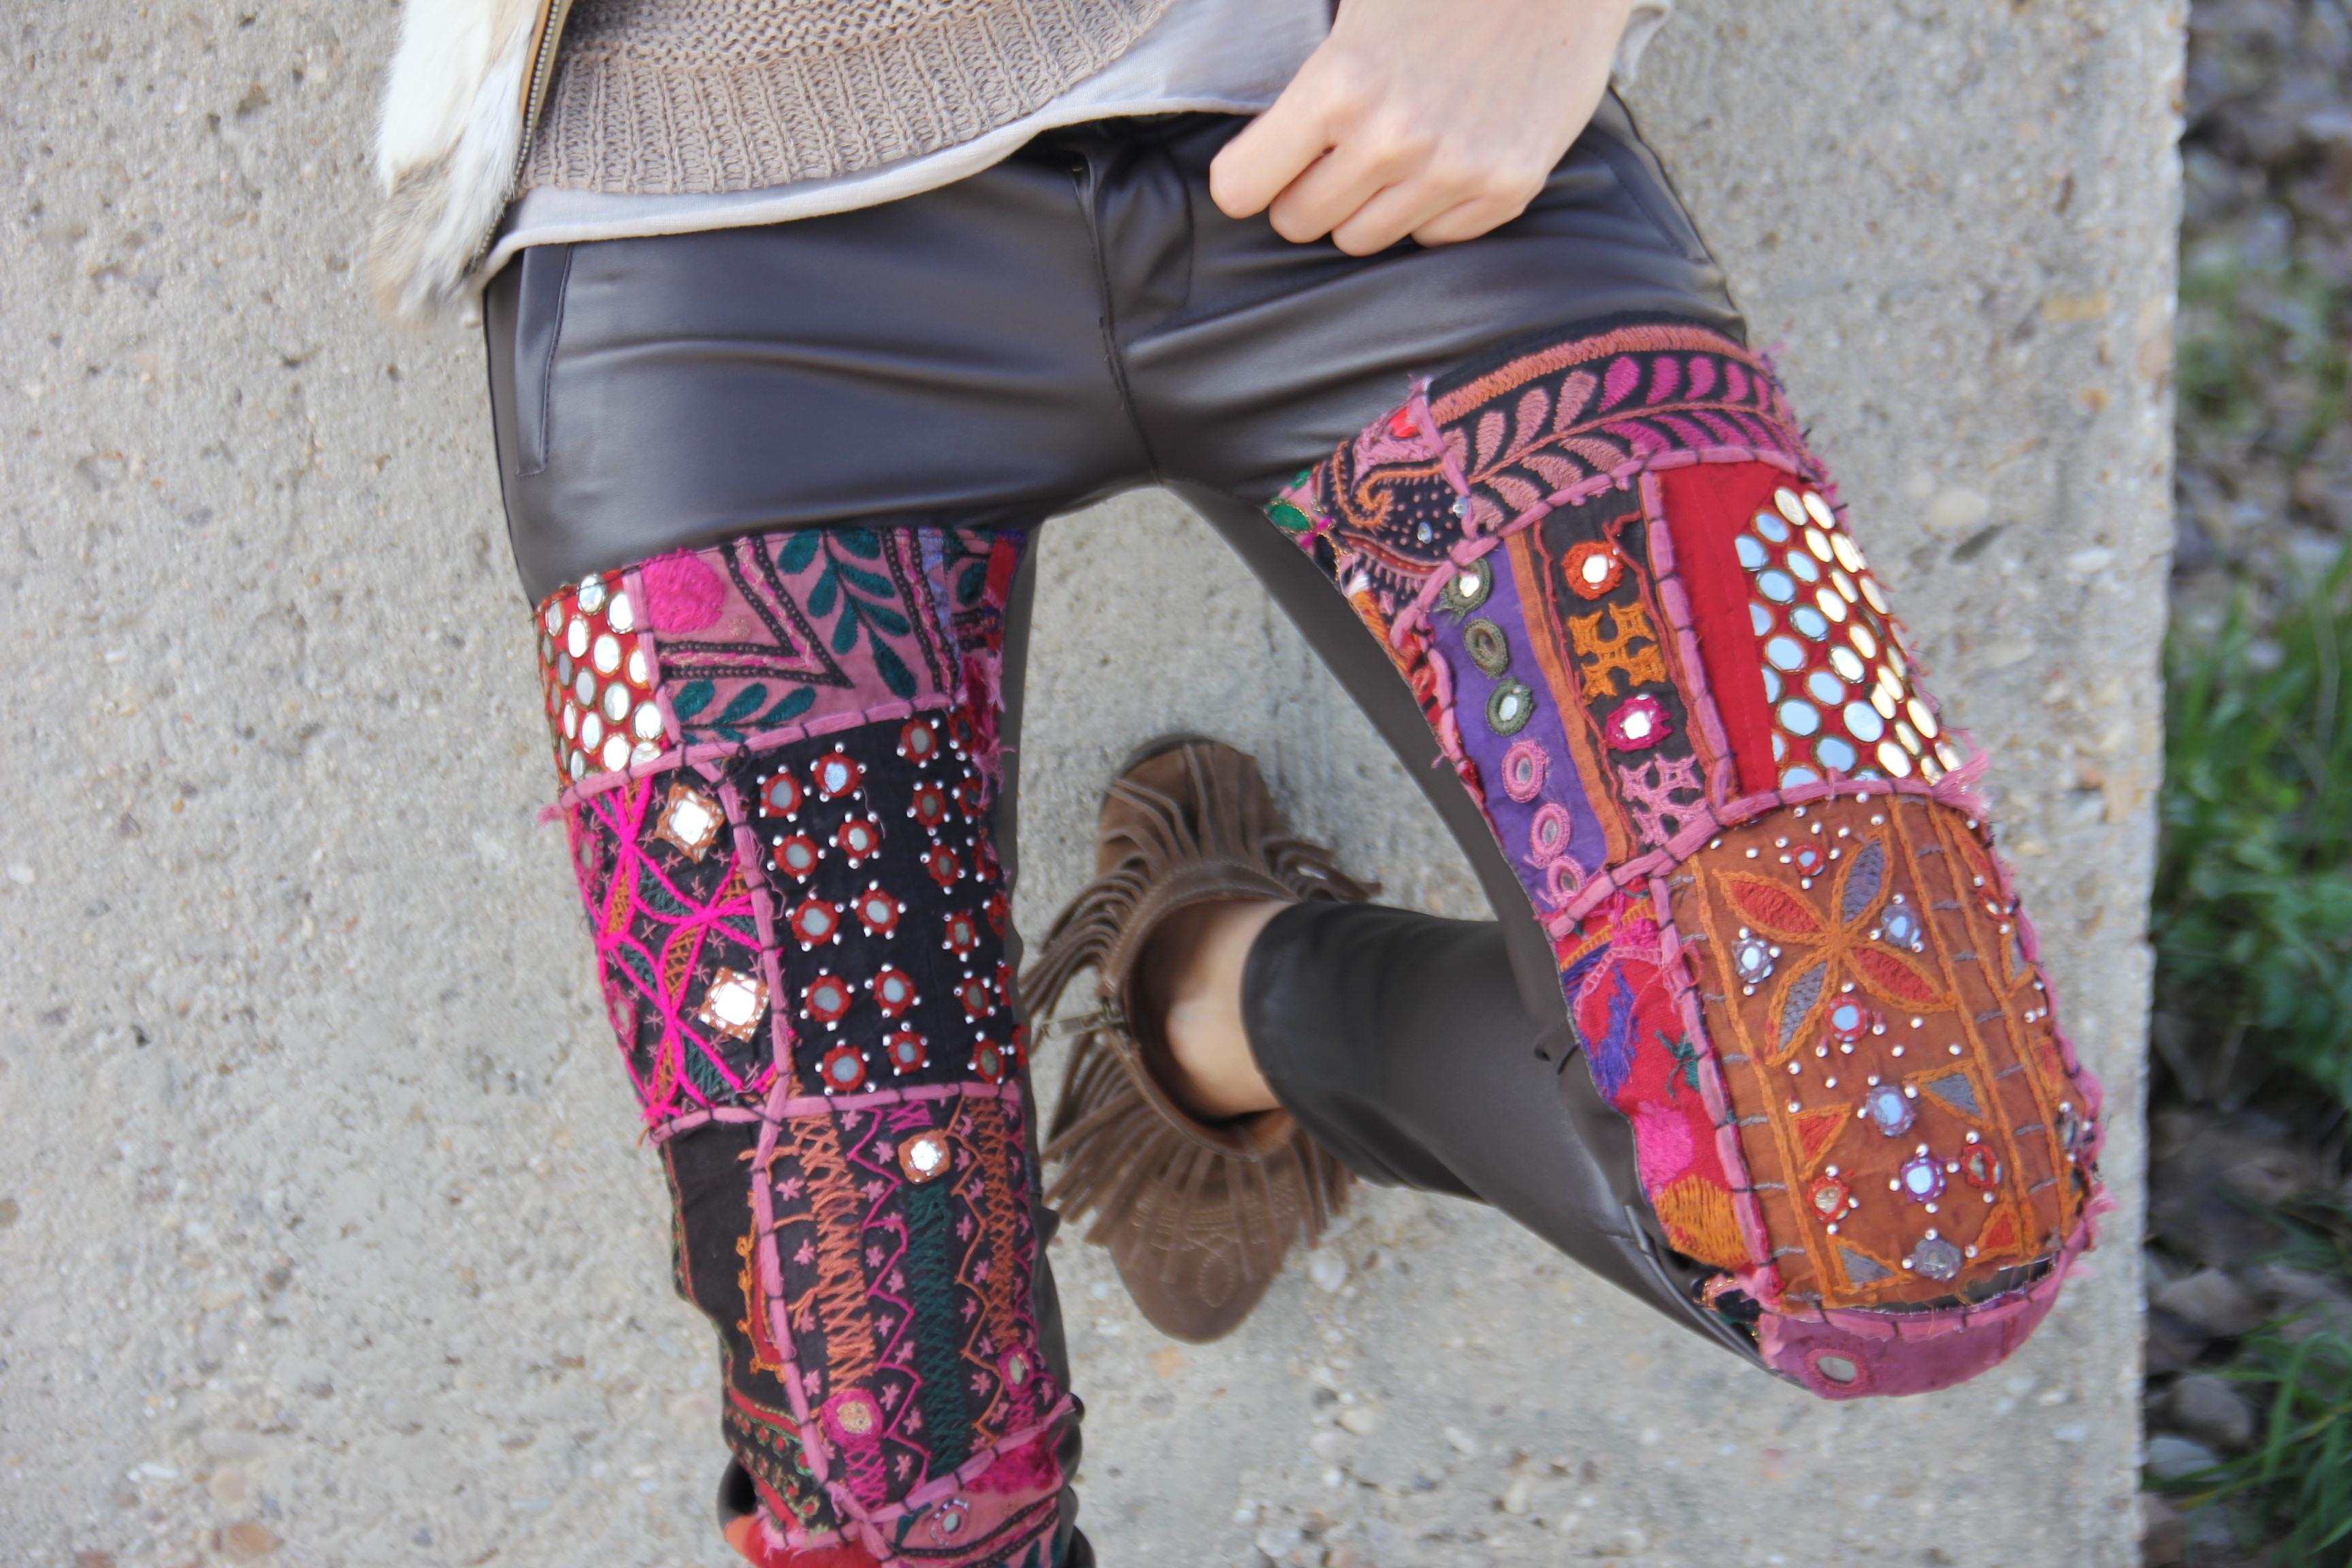 ethnic pants made by mytenida-55244-mytenida